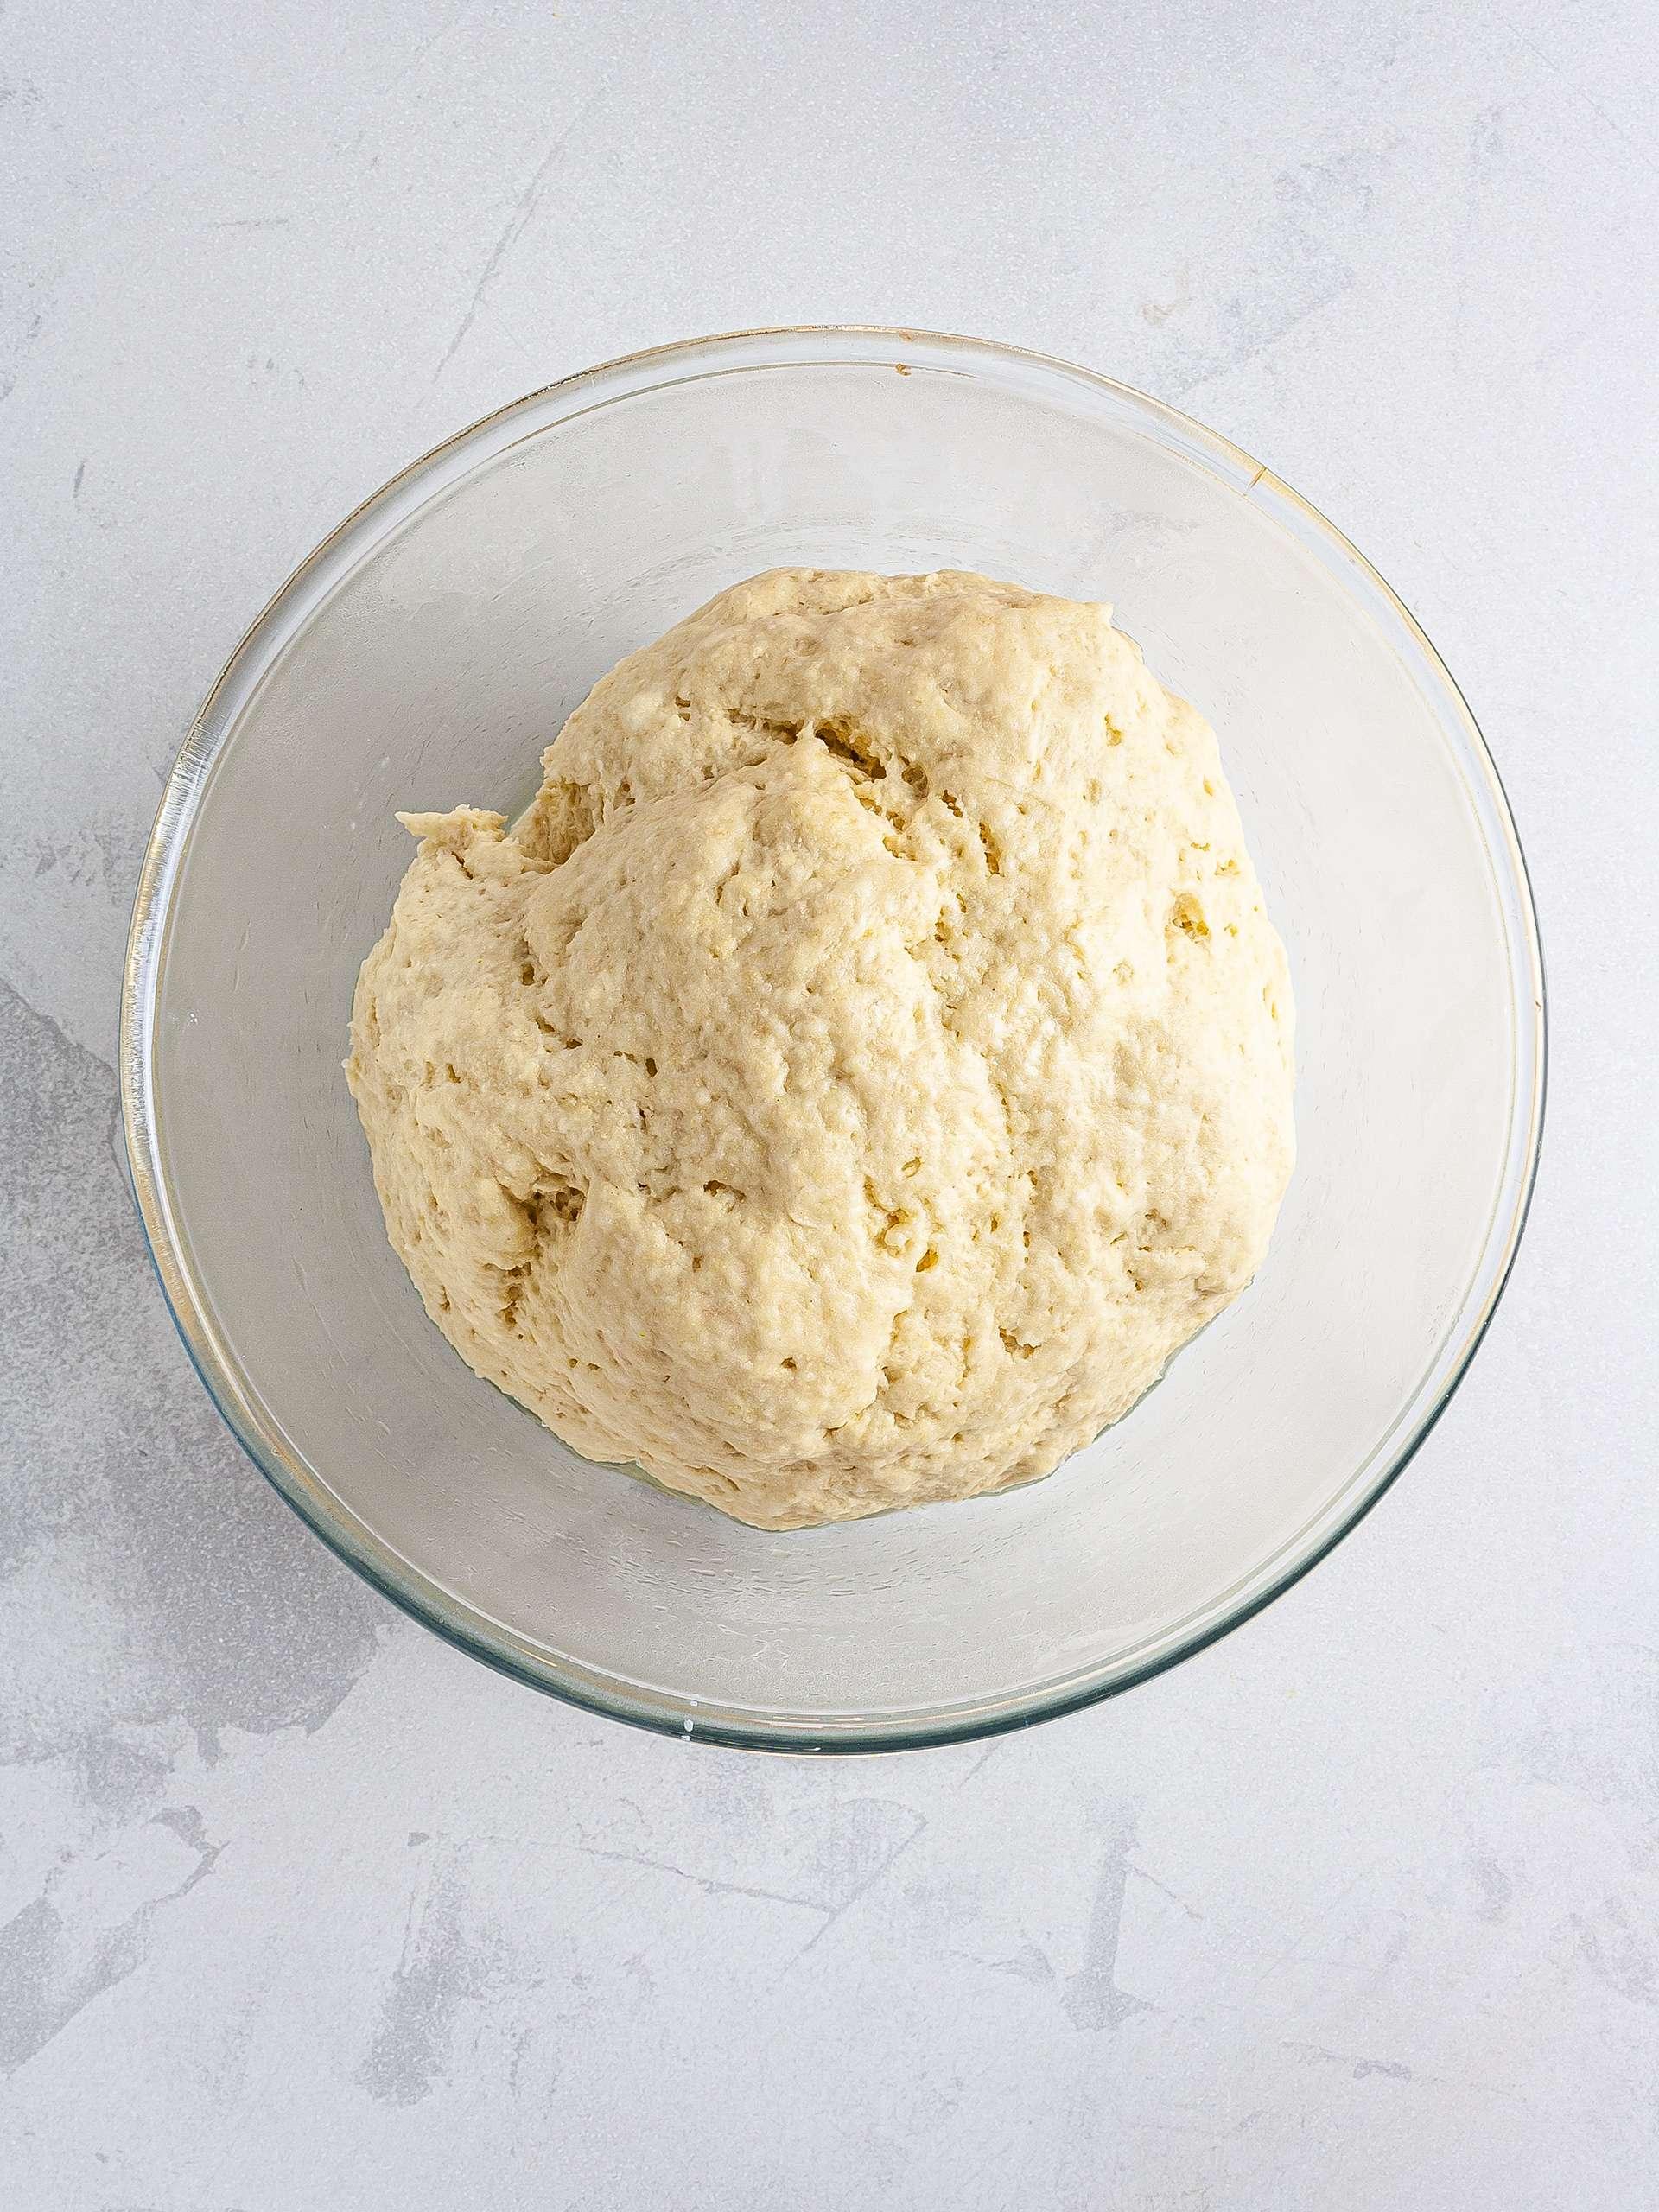 Proved croissant dough